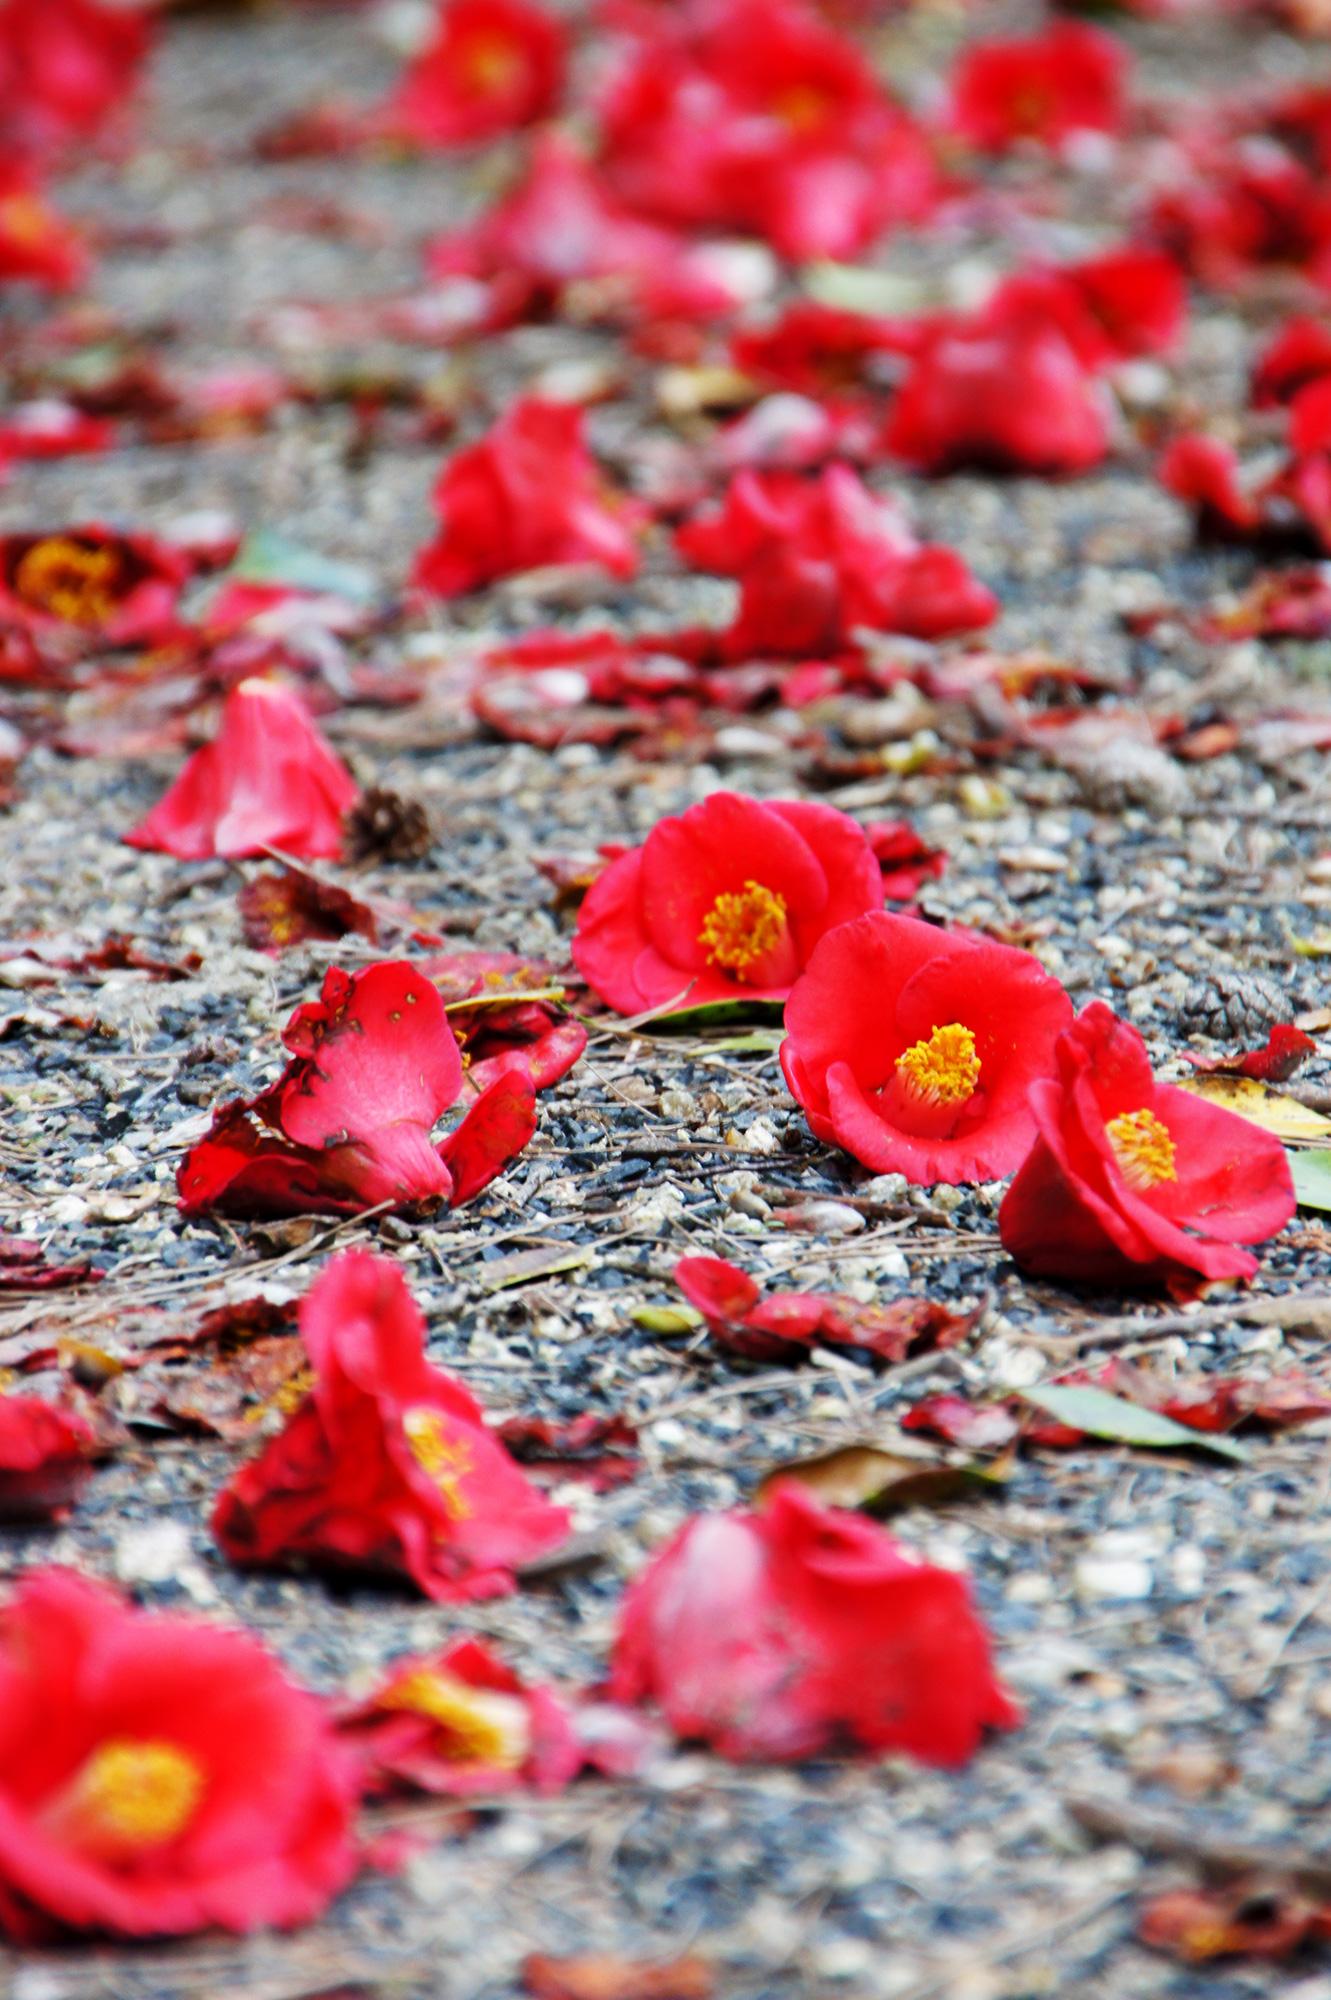 地面に落ちている椿の花の写真のフリー素材